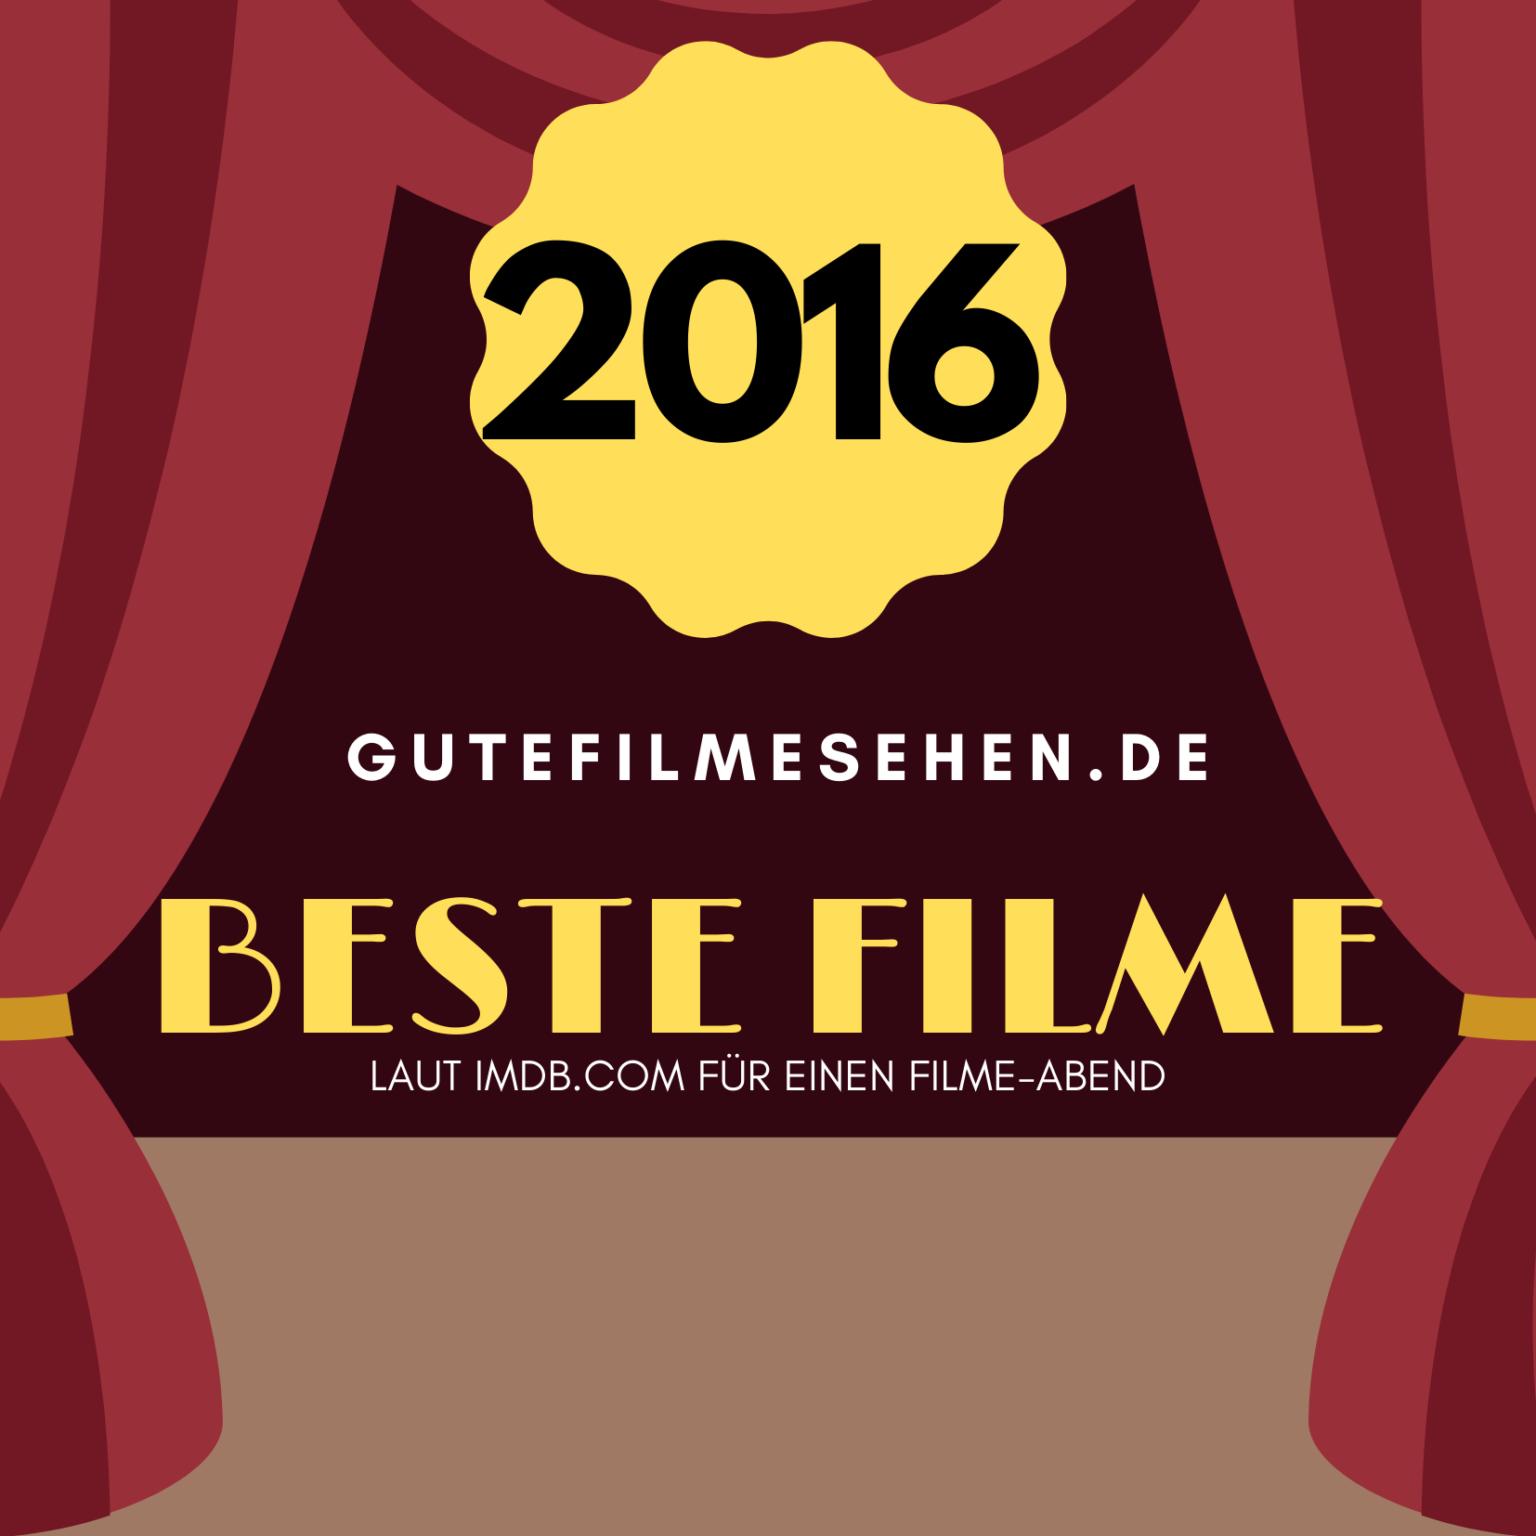 BESTE FILME 2016 【ᐅᐅ】Komödien, Actionfilme und Thriller